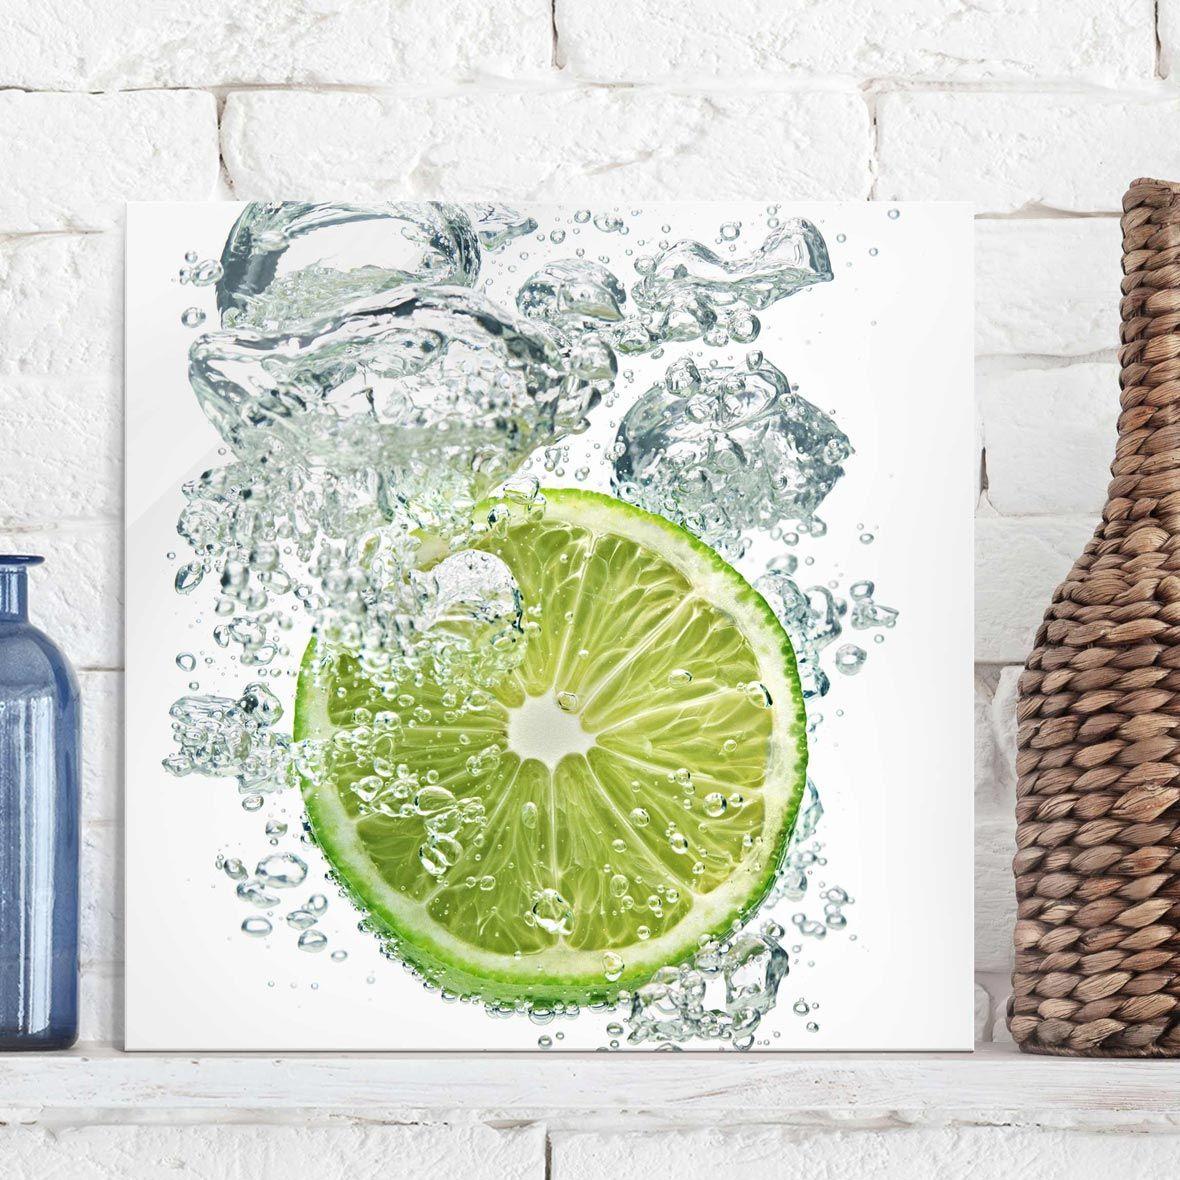 Glasbild Kuche Limonenbild Magazin Wallart De Glasbilder Kuche Glasbilder Bilder